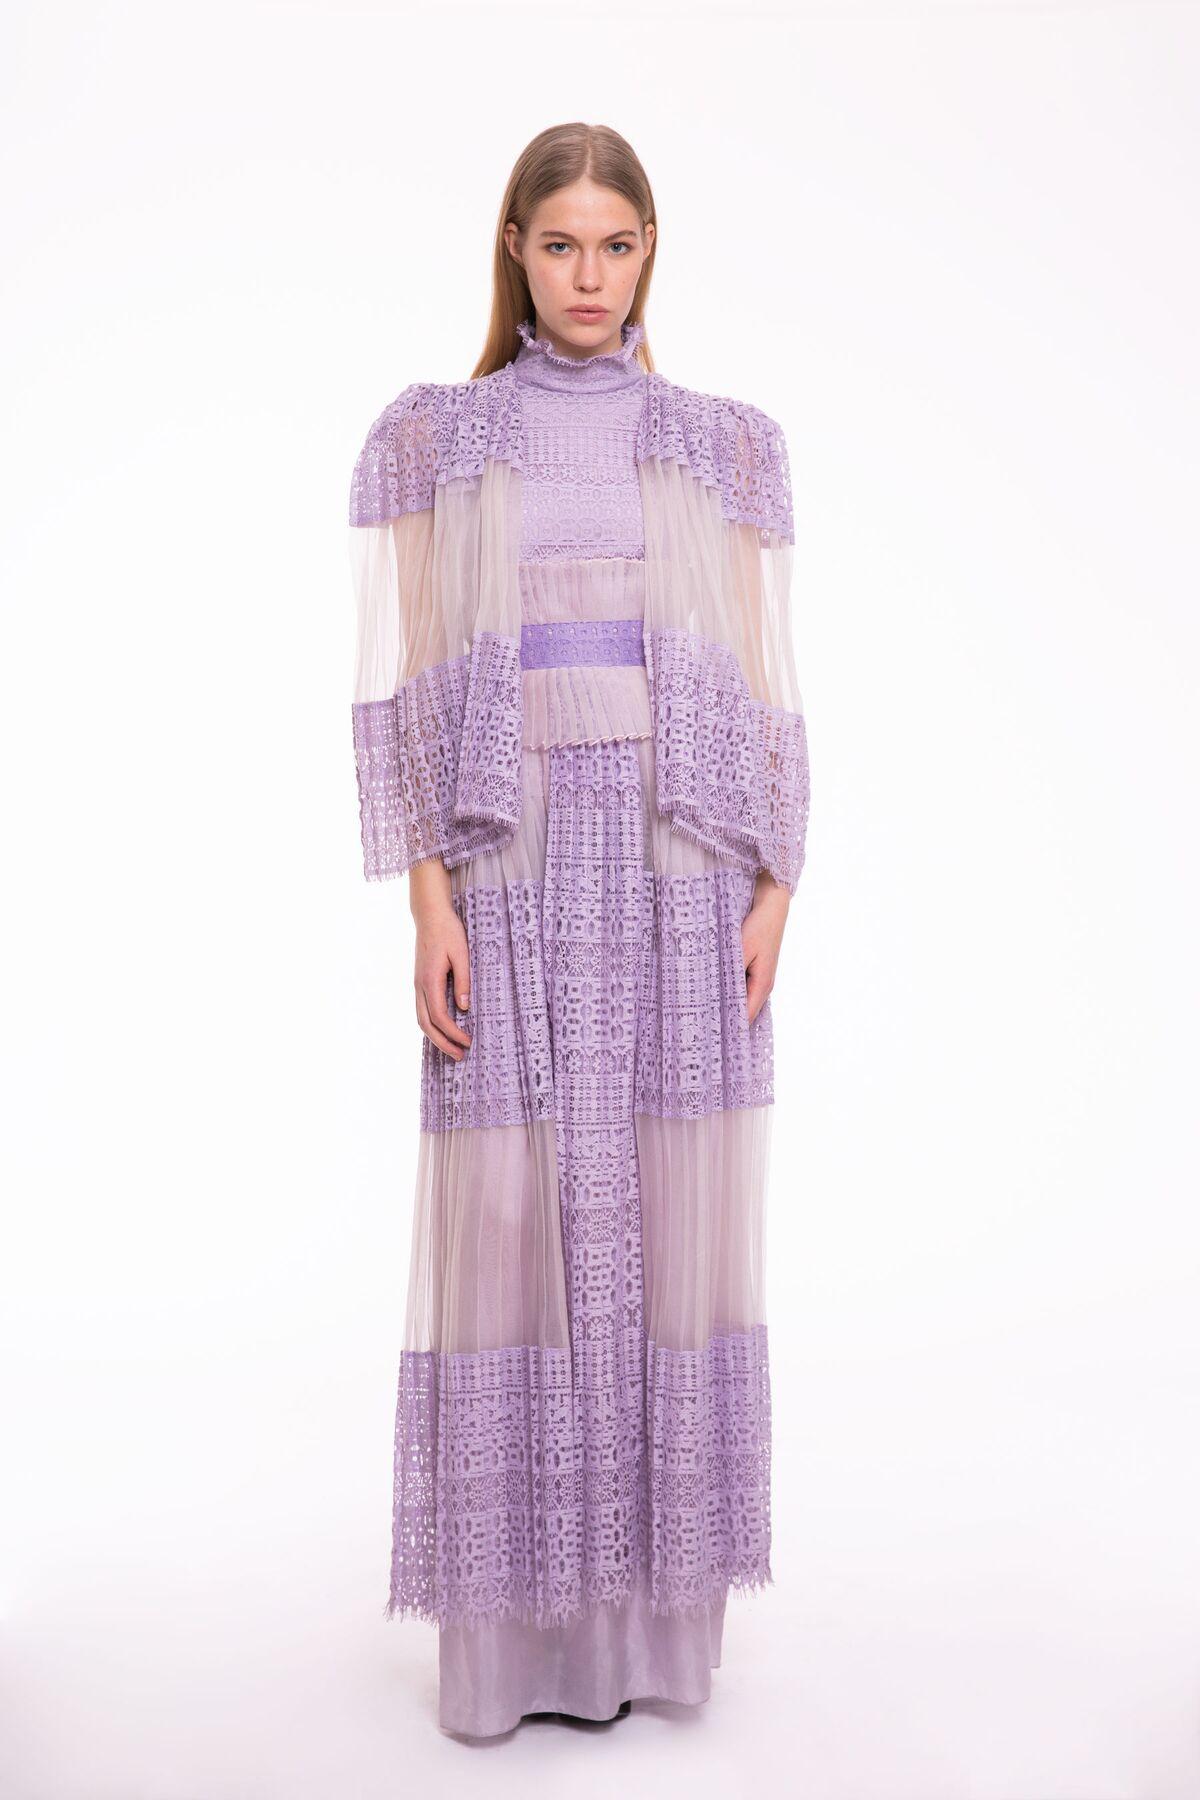 Pelerin Görünümlü, Dantel İşlemeli Dik Yaka Uzun Elbise